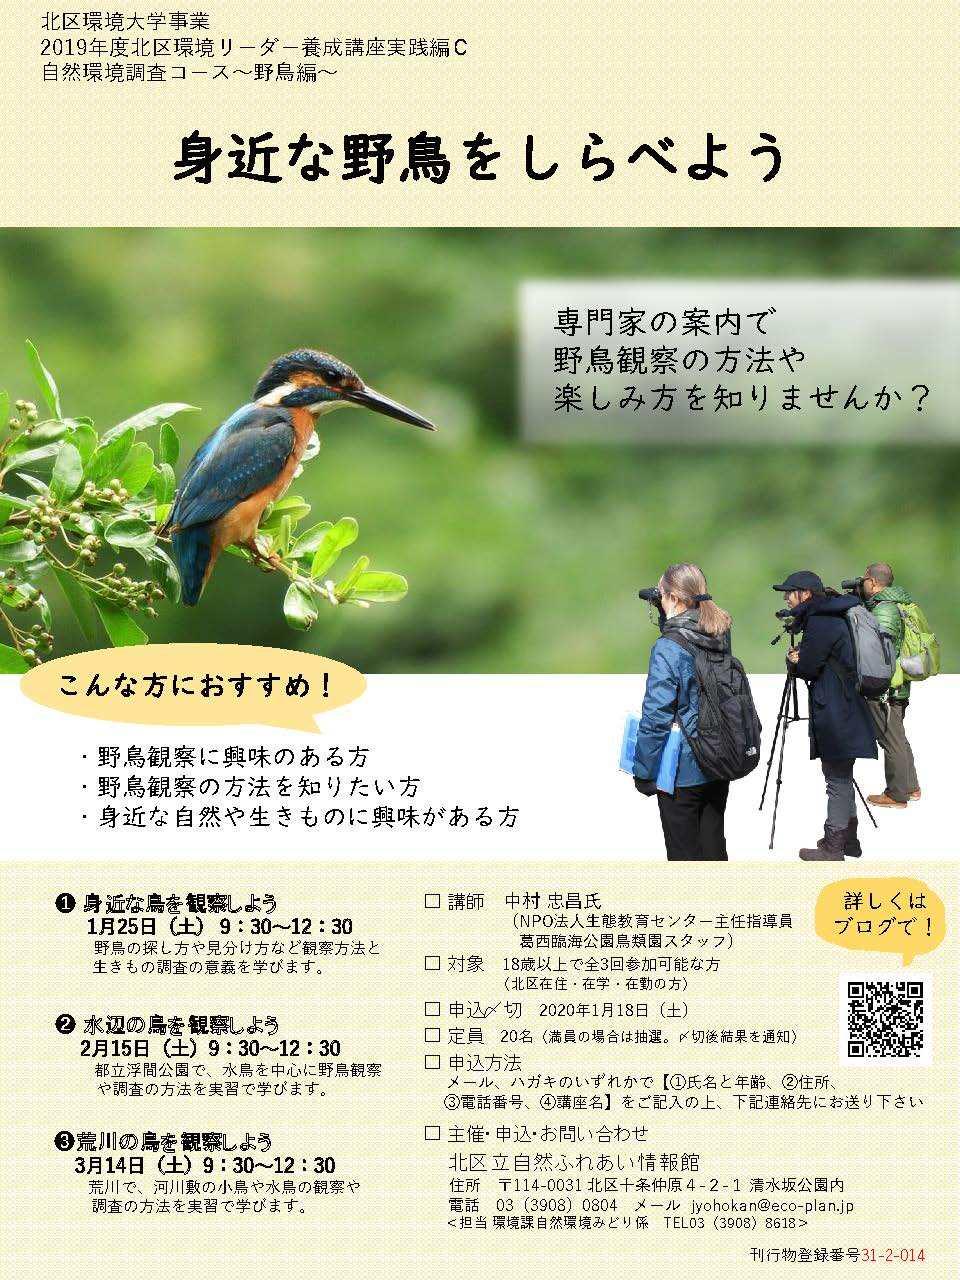 野鳥観察のプロと鳥たちを観察してみませんか?_f0361087_14595175.jpg